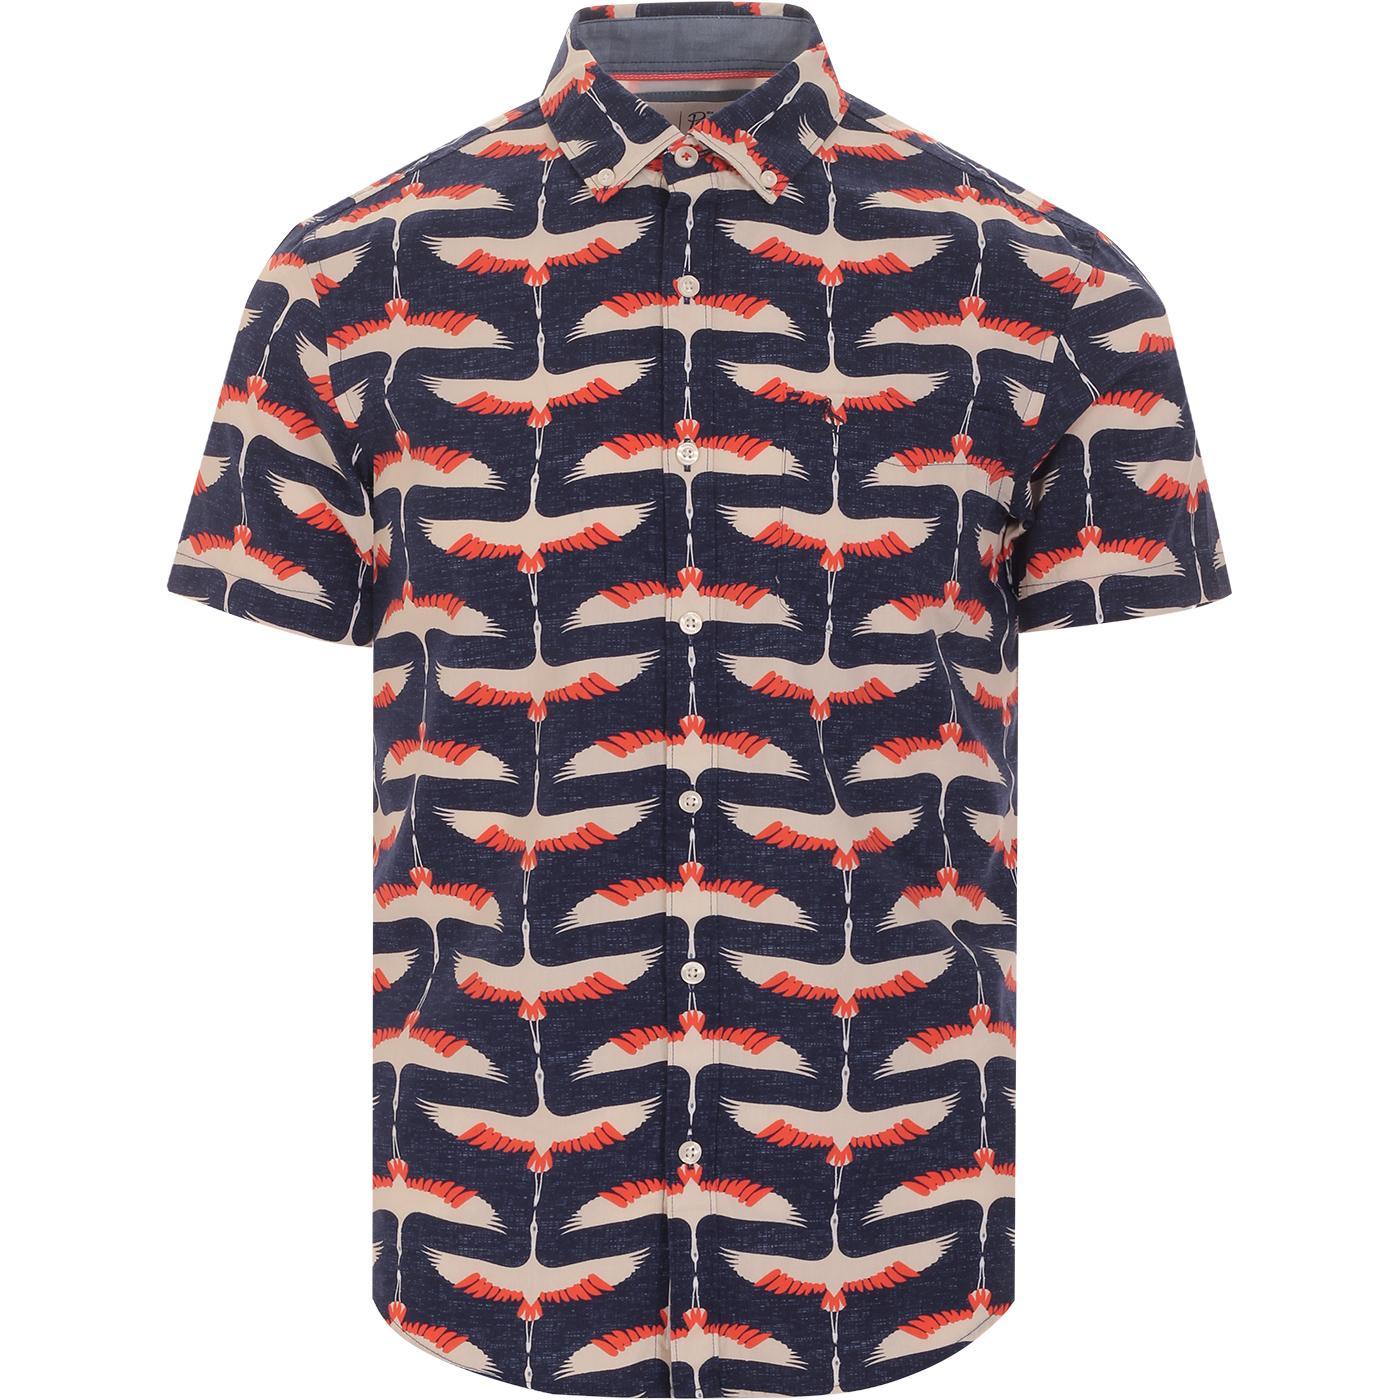 ORIGINAL PENGUIN Retro 70s Crane Print S/S Shirt